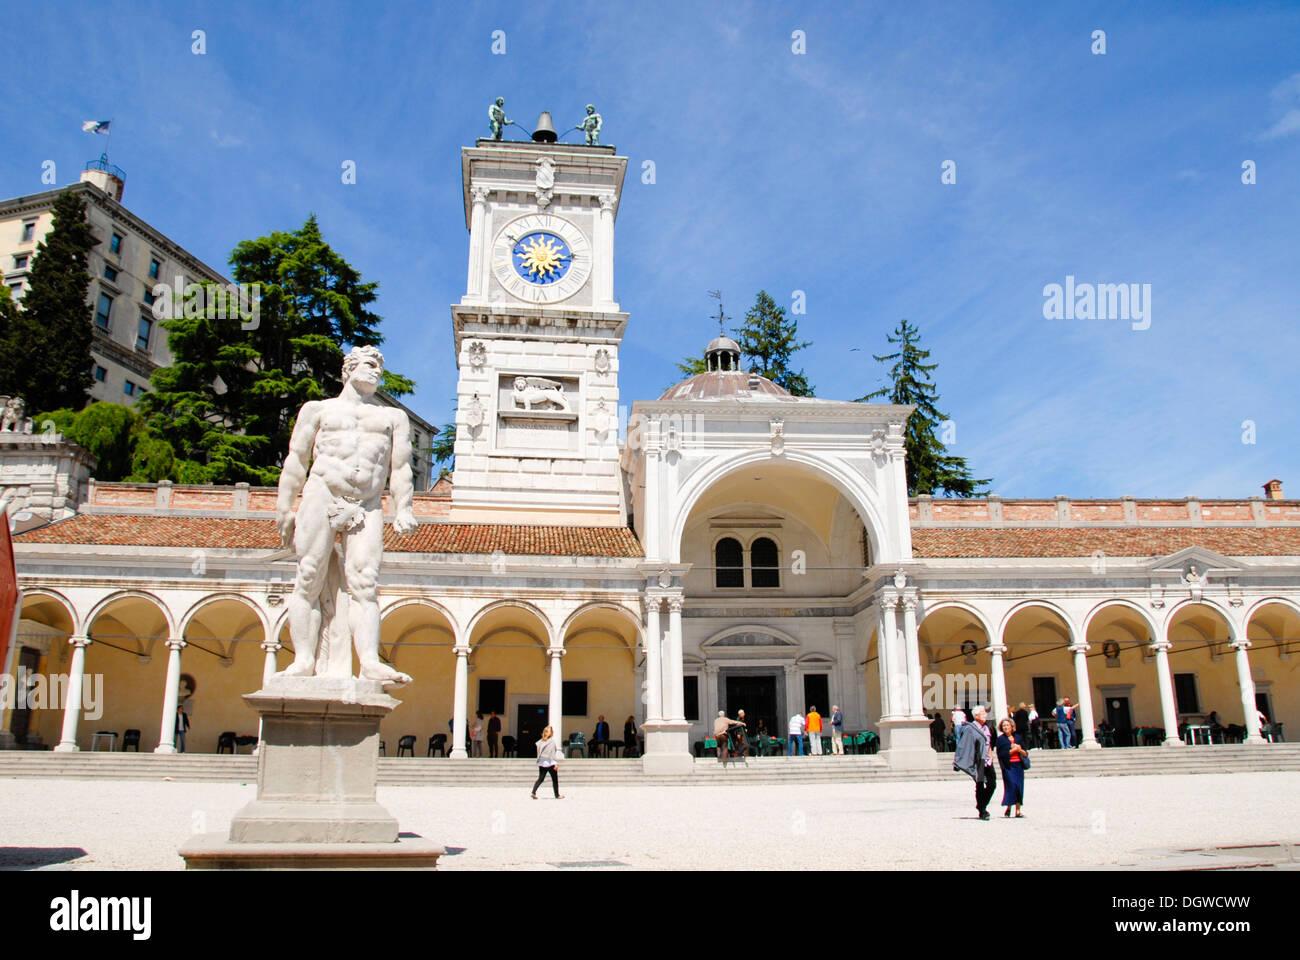 Piazza Libertà square with clock tower and statue, Loggia di San Giovanni, old town, Udine, Friuli-Venezia Giulia, Italy - Stock Image